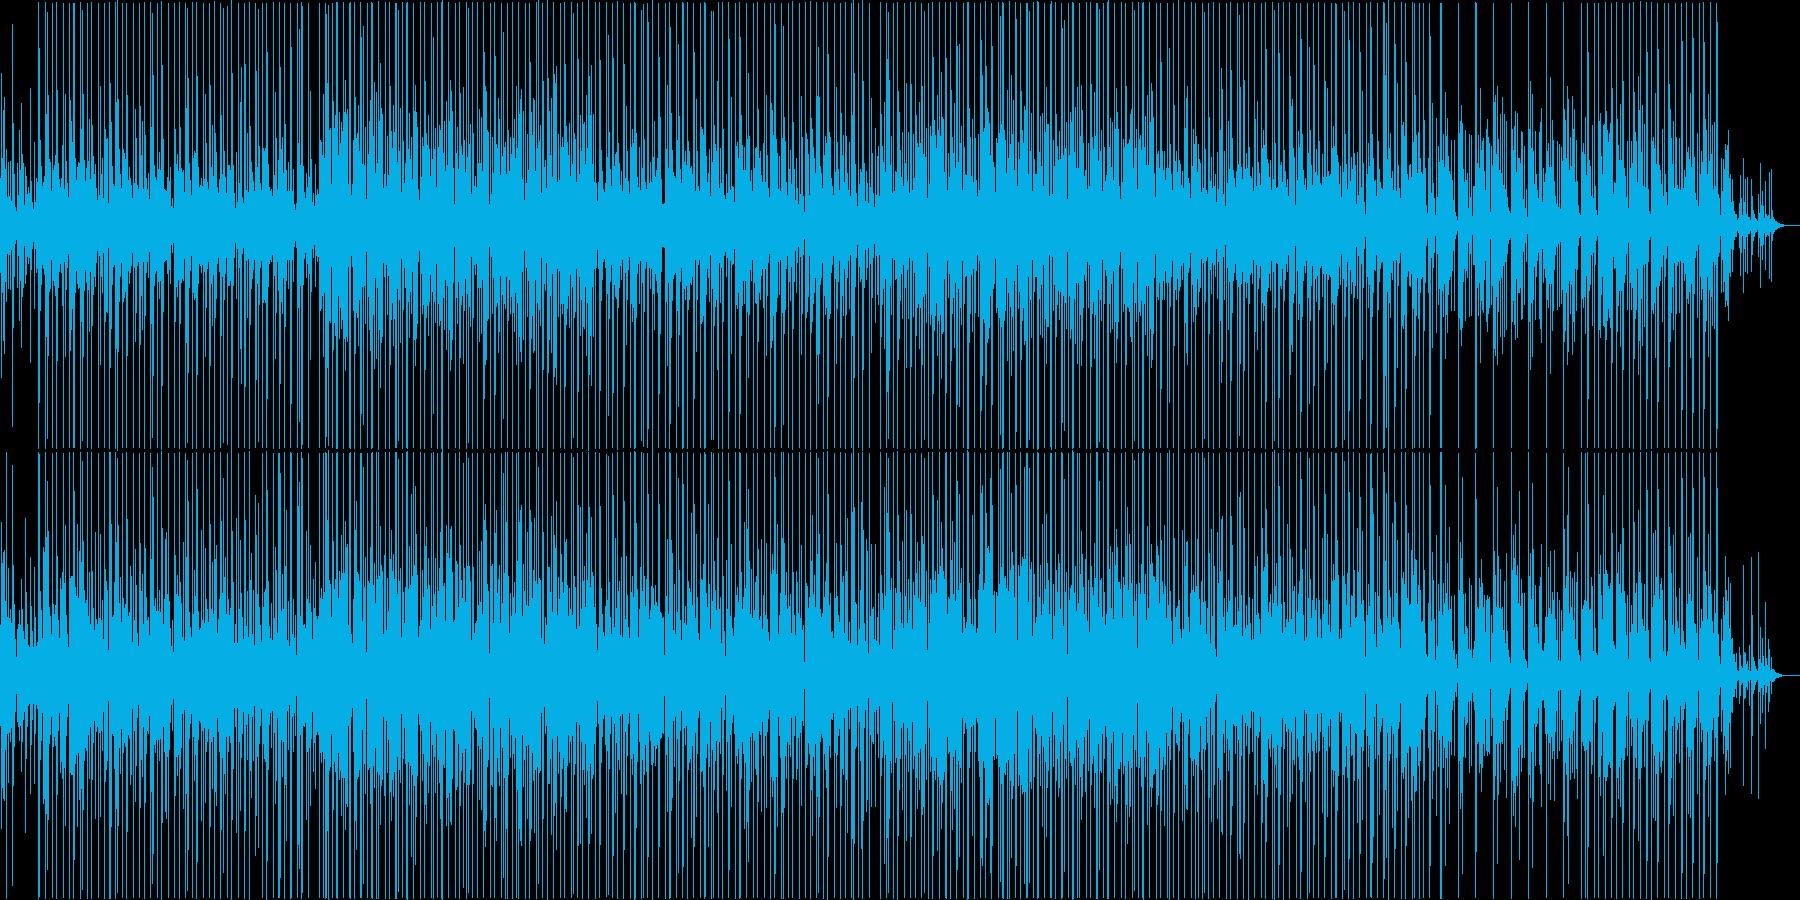 アンニュイな雰囲気の夏向けBGMの再生済みの波形